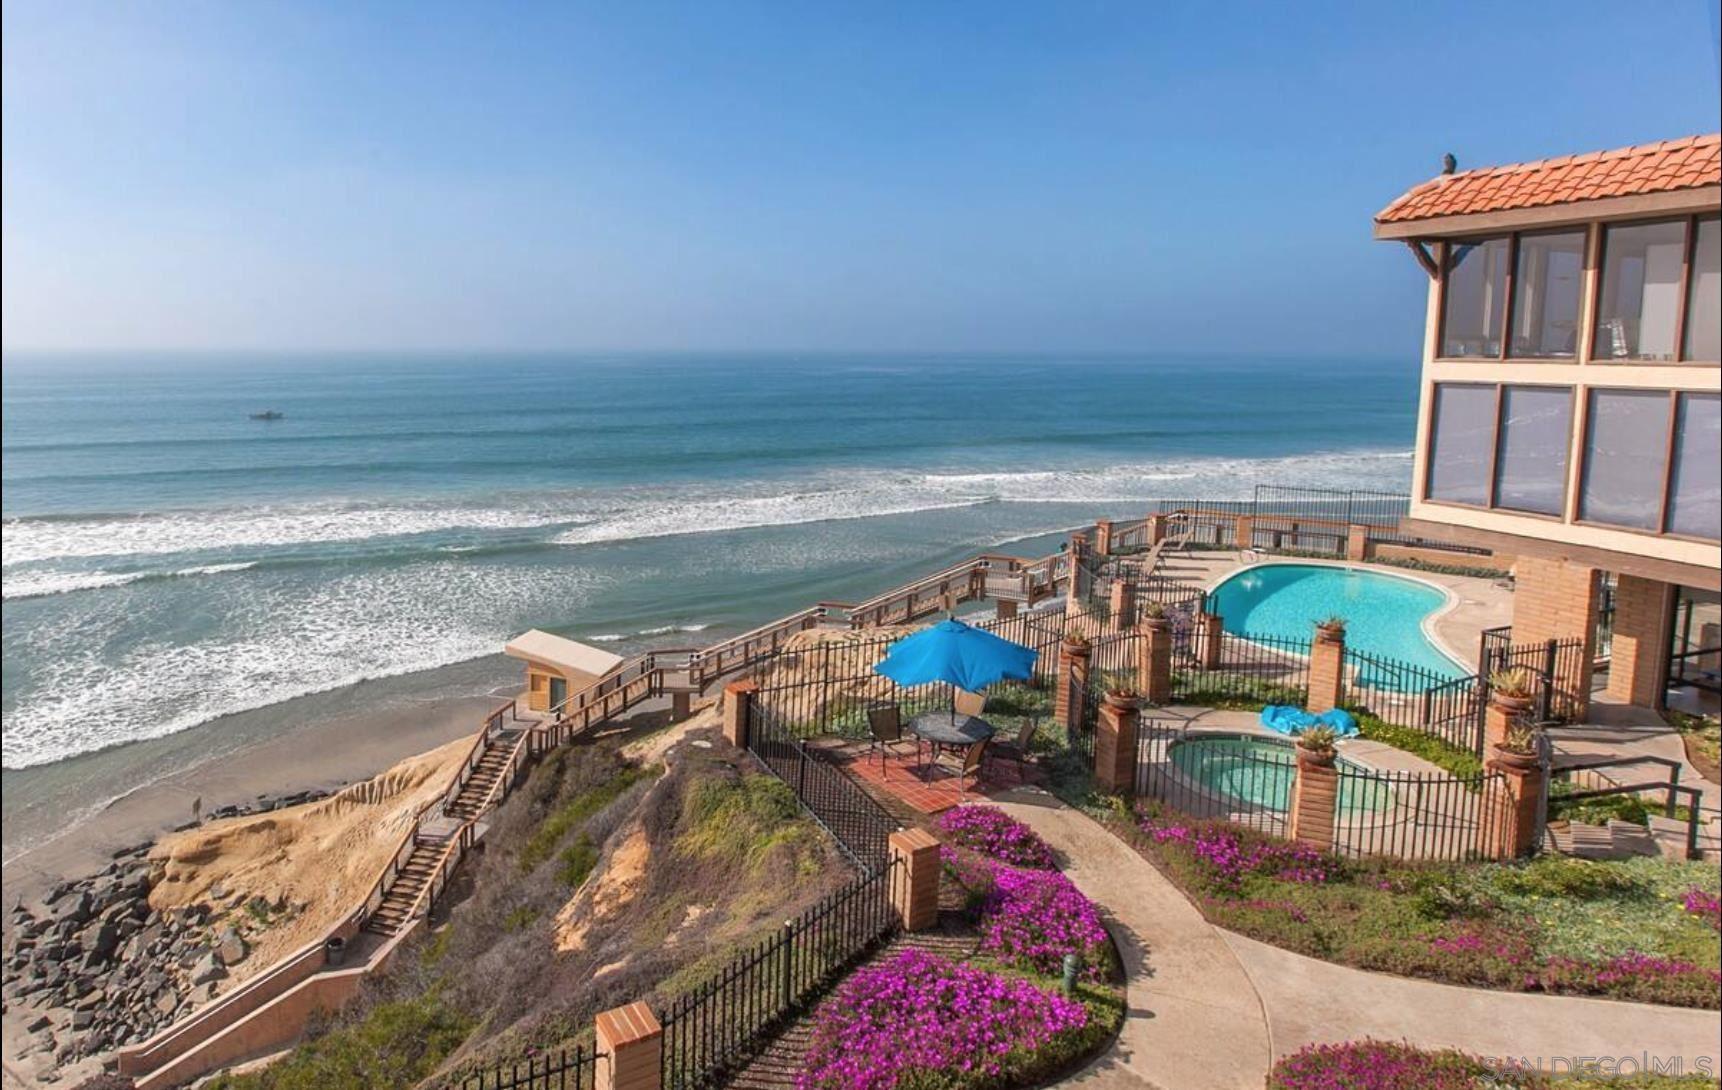 Photo of 190 Del Mar Shores Tr #58, Solana Beach, CA 92075 (MLS # 210013879)